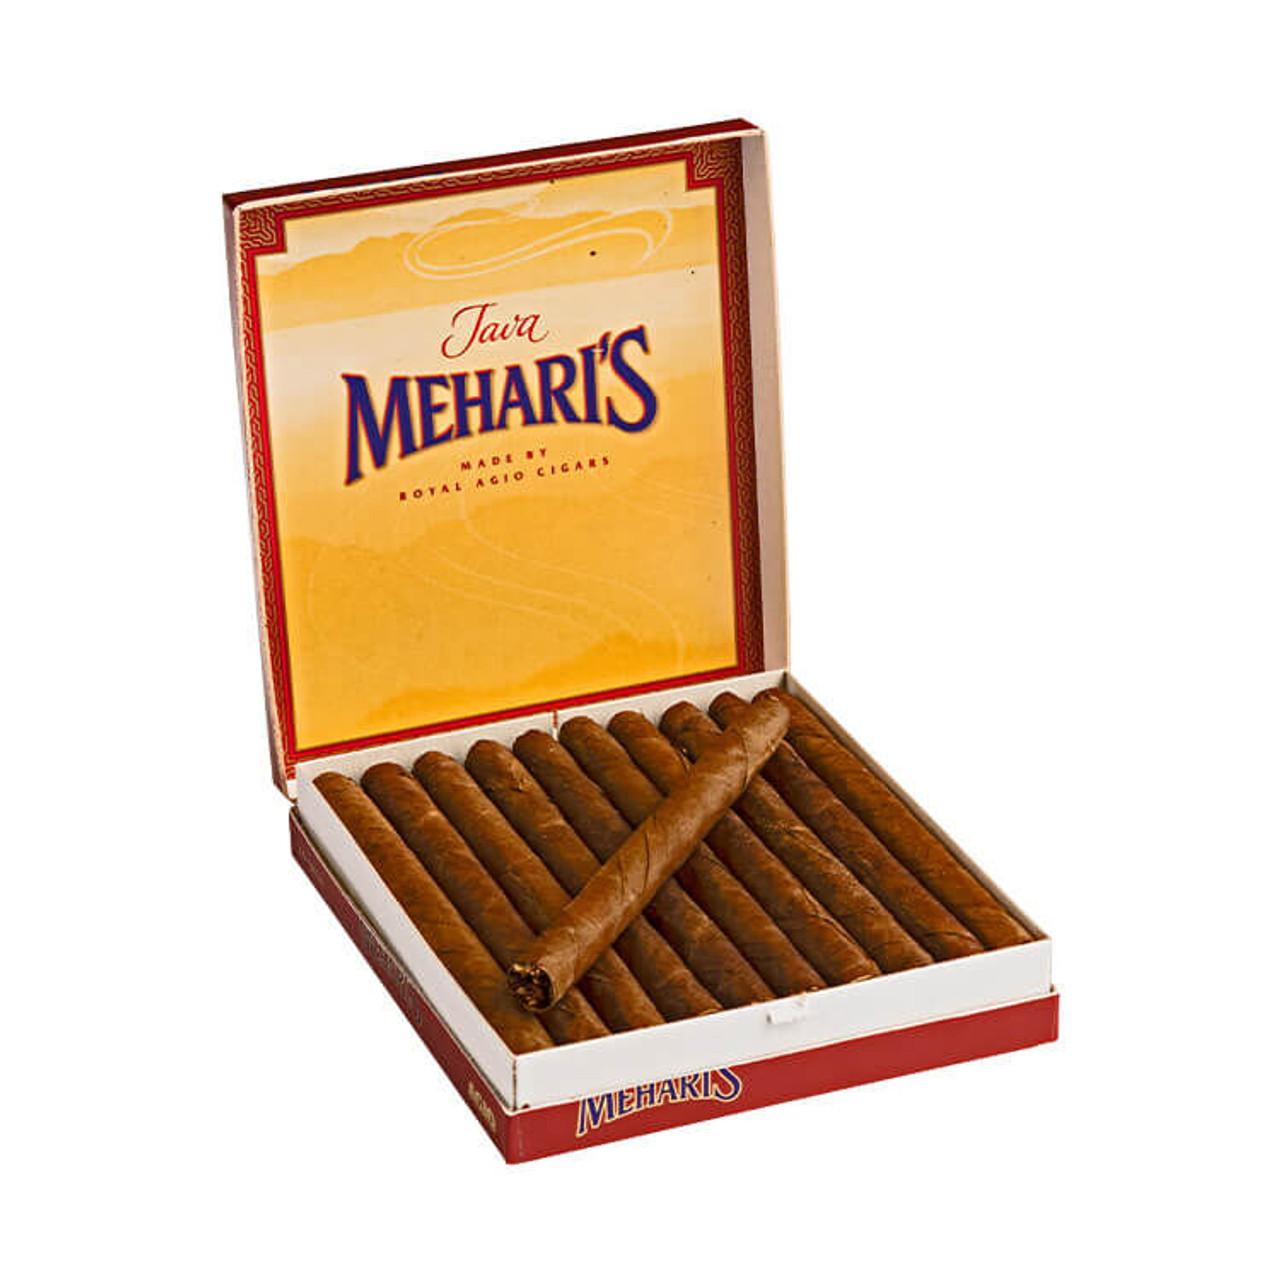 Agio Mehari's Cigarillos Java Cigars - 4 x 23 (20 packs of 10 (200 total))